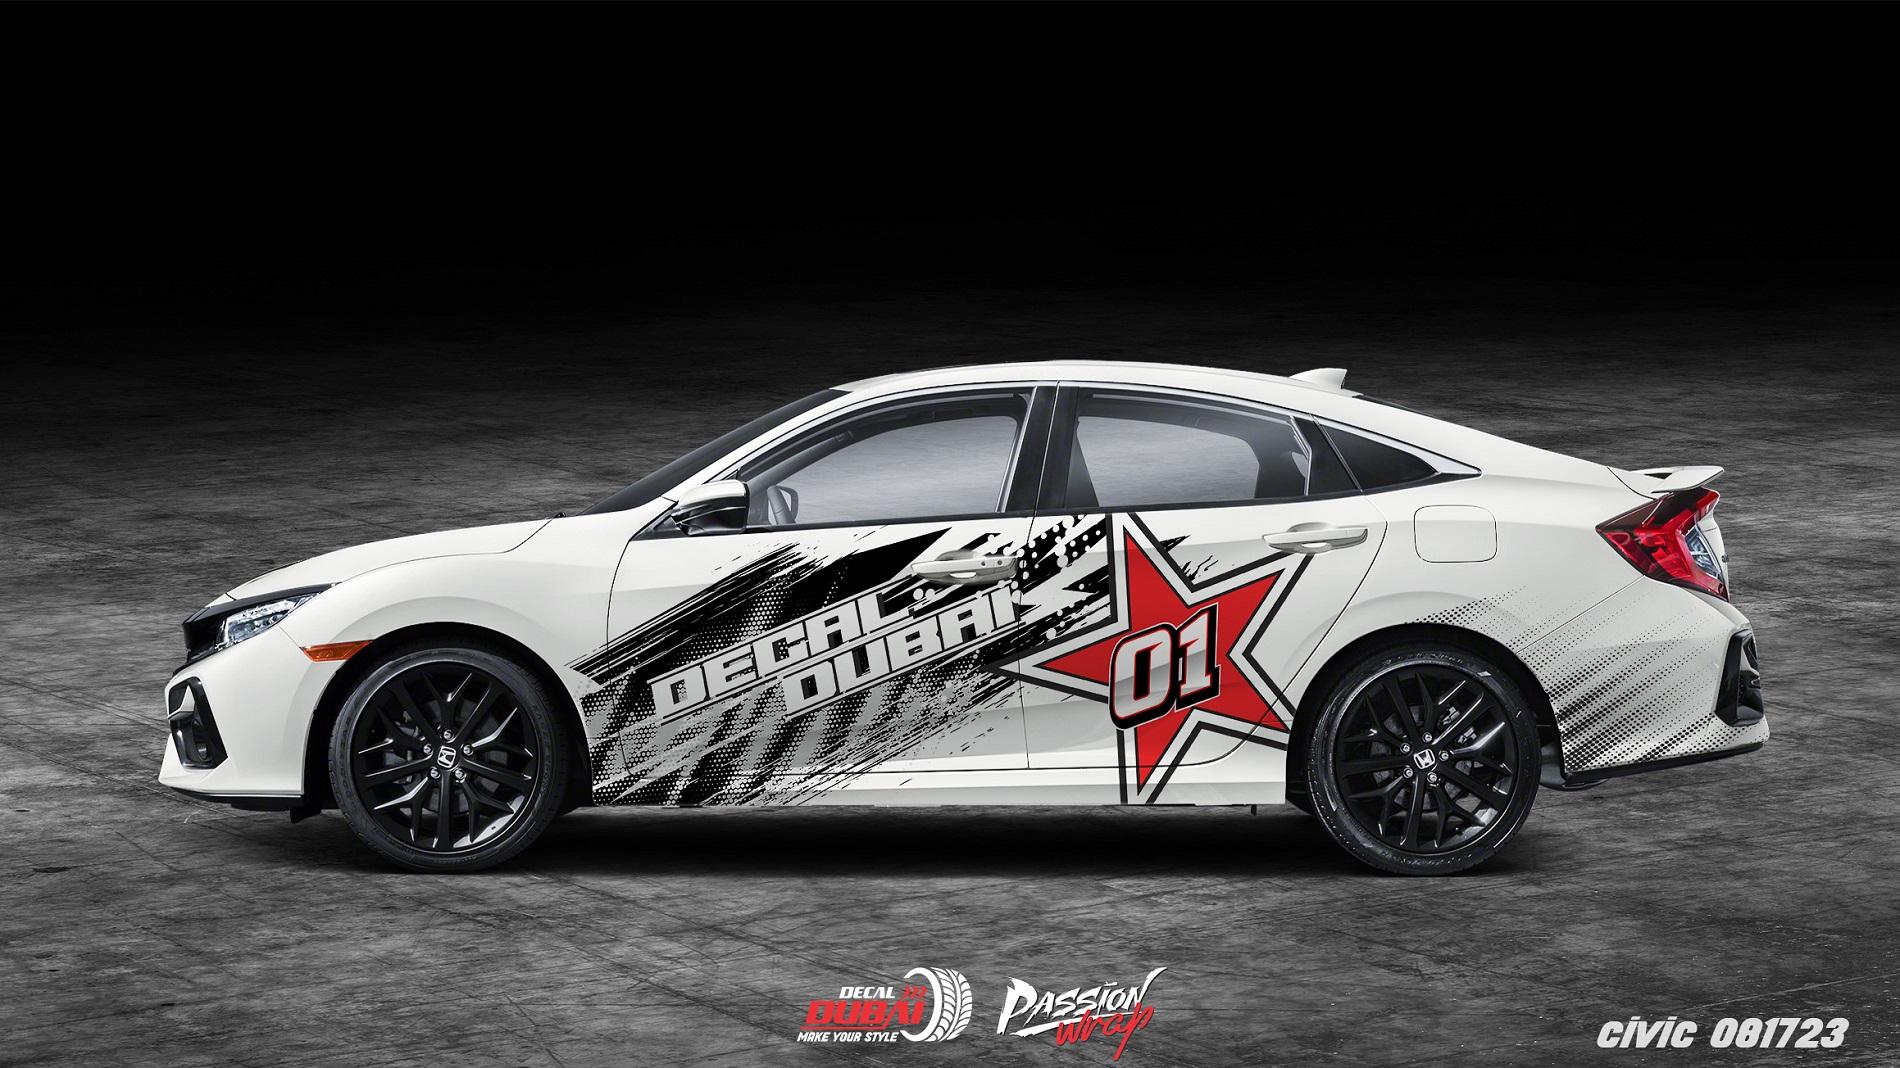 Tem-Xe-Honda-Civic-081723-1250k